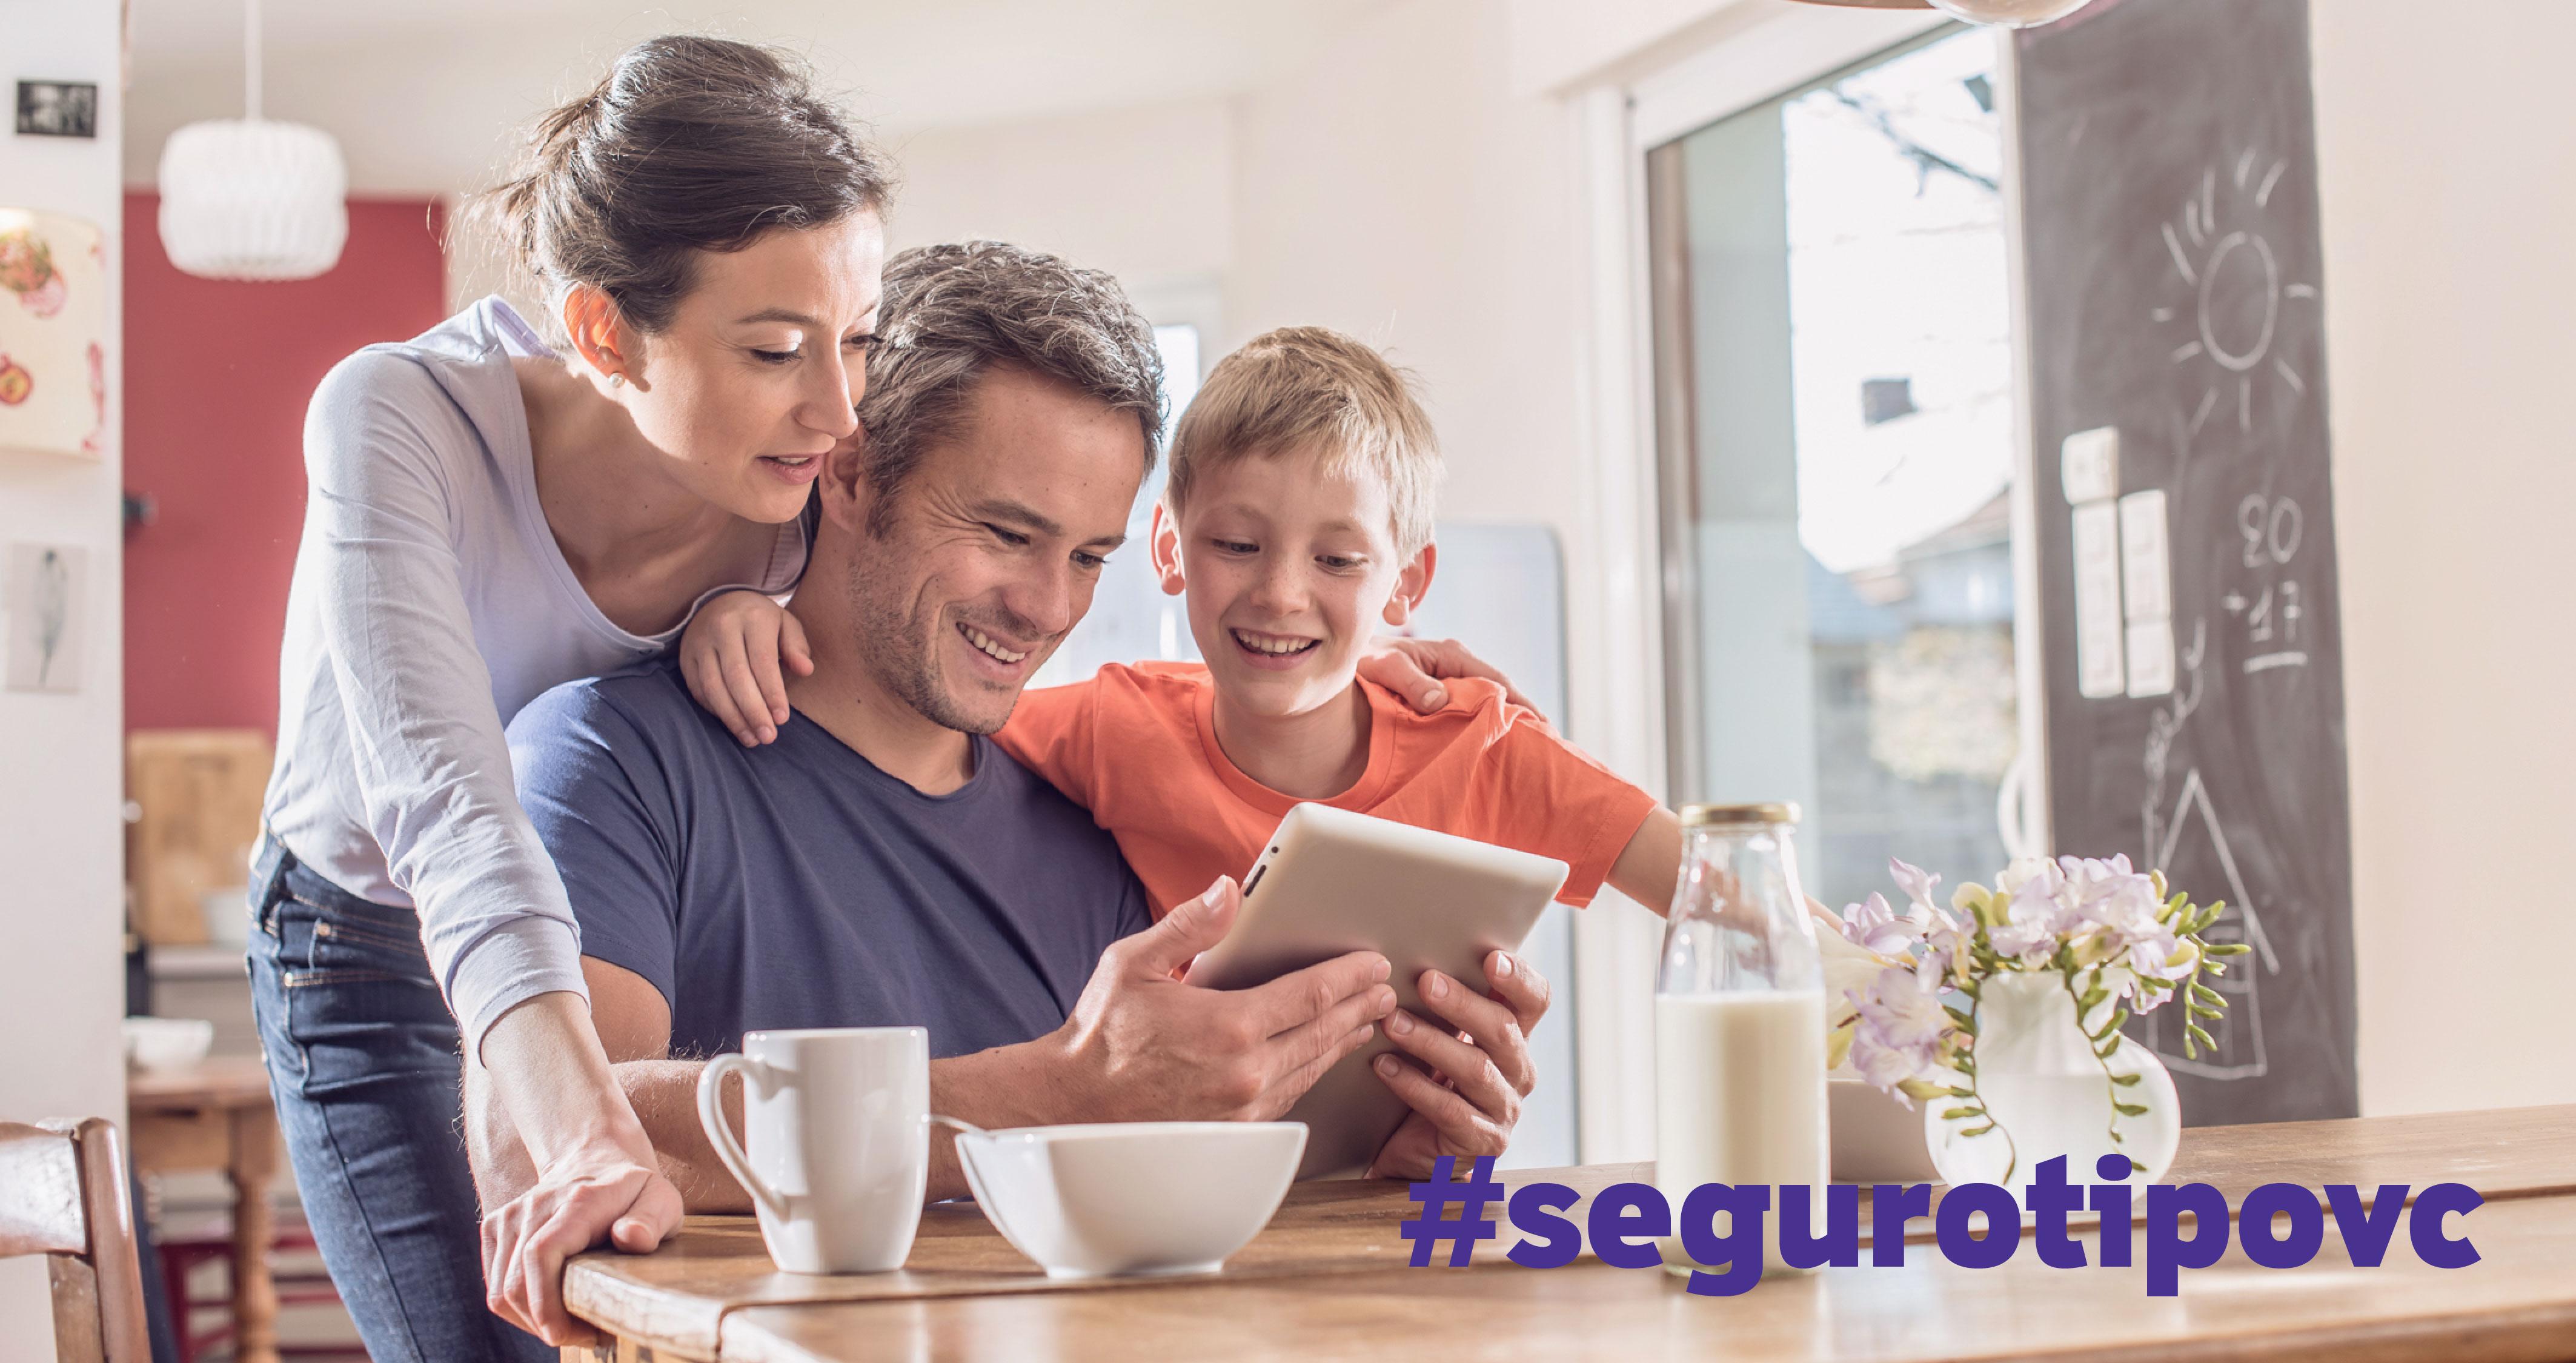 Seguro online para você e sua família ficarem protegidos